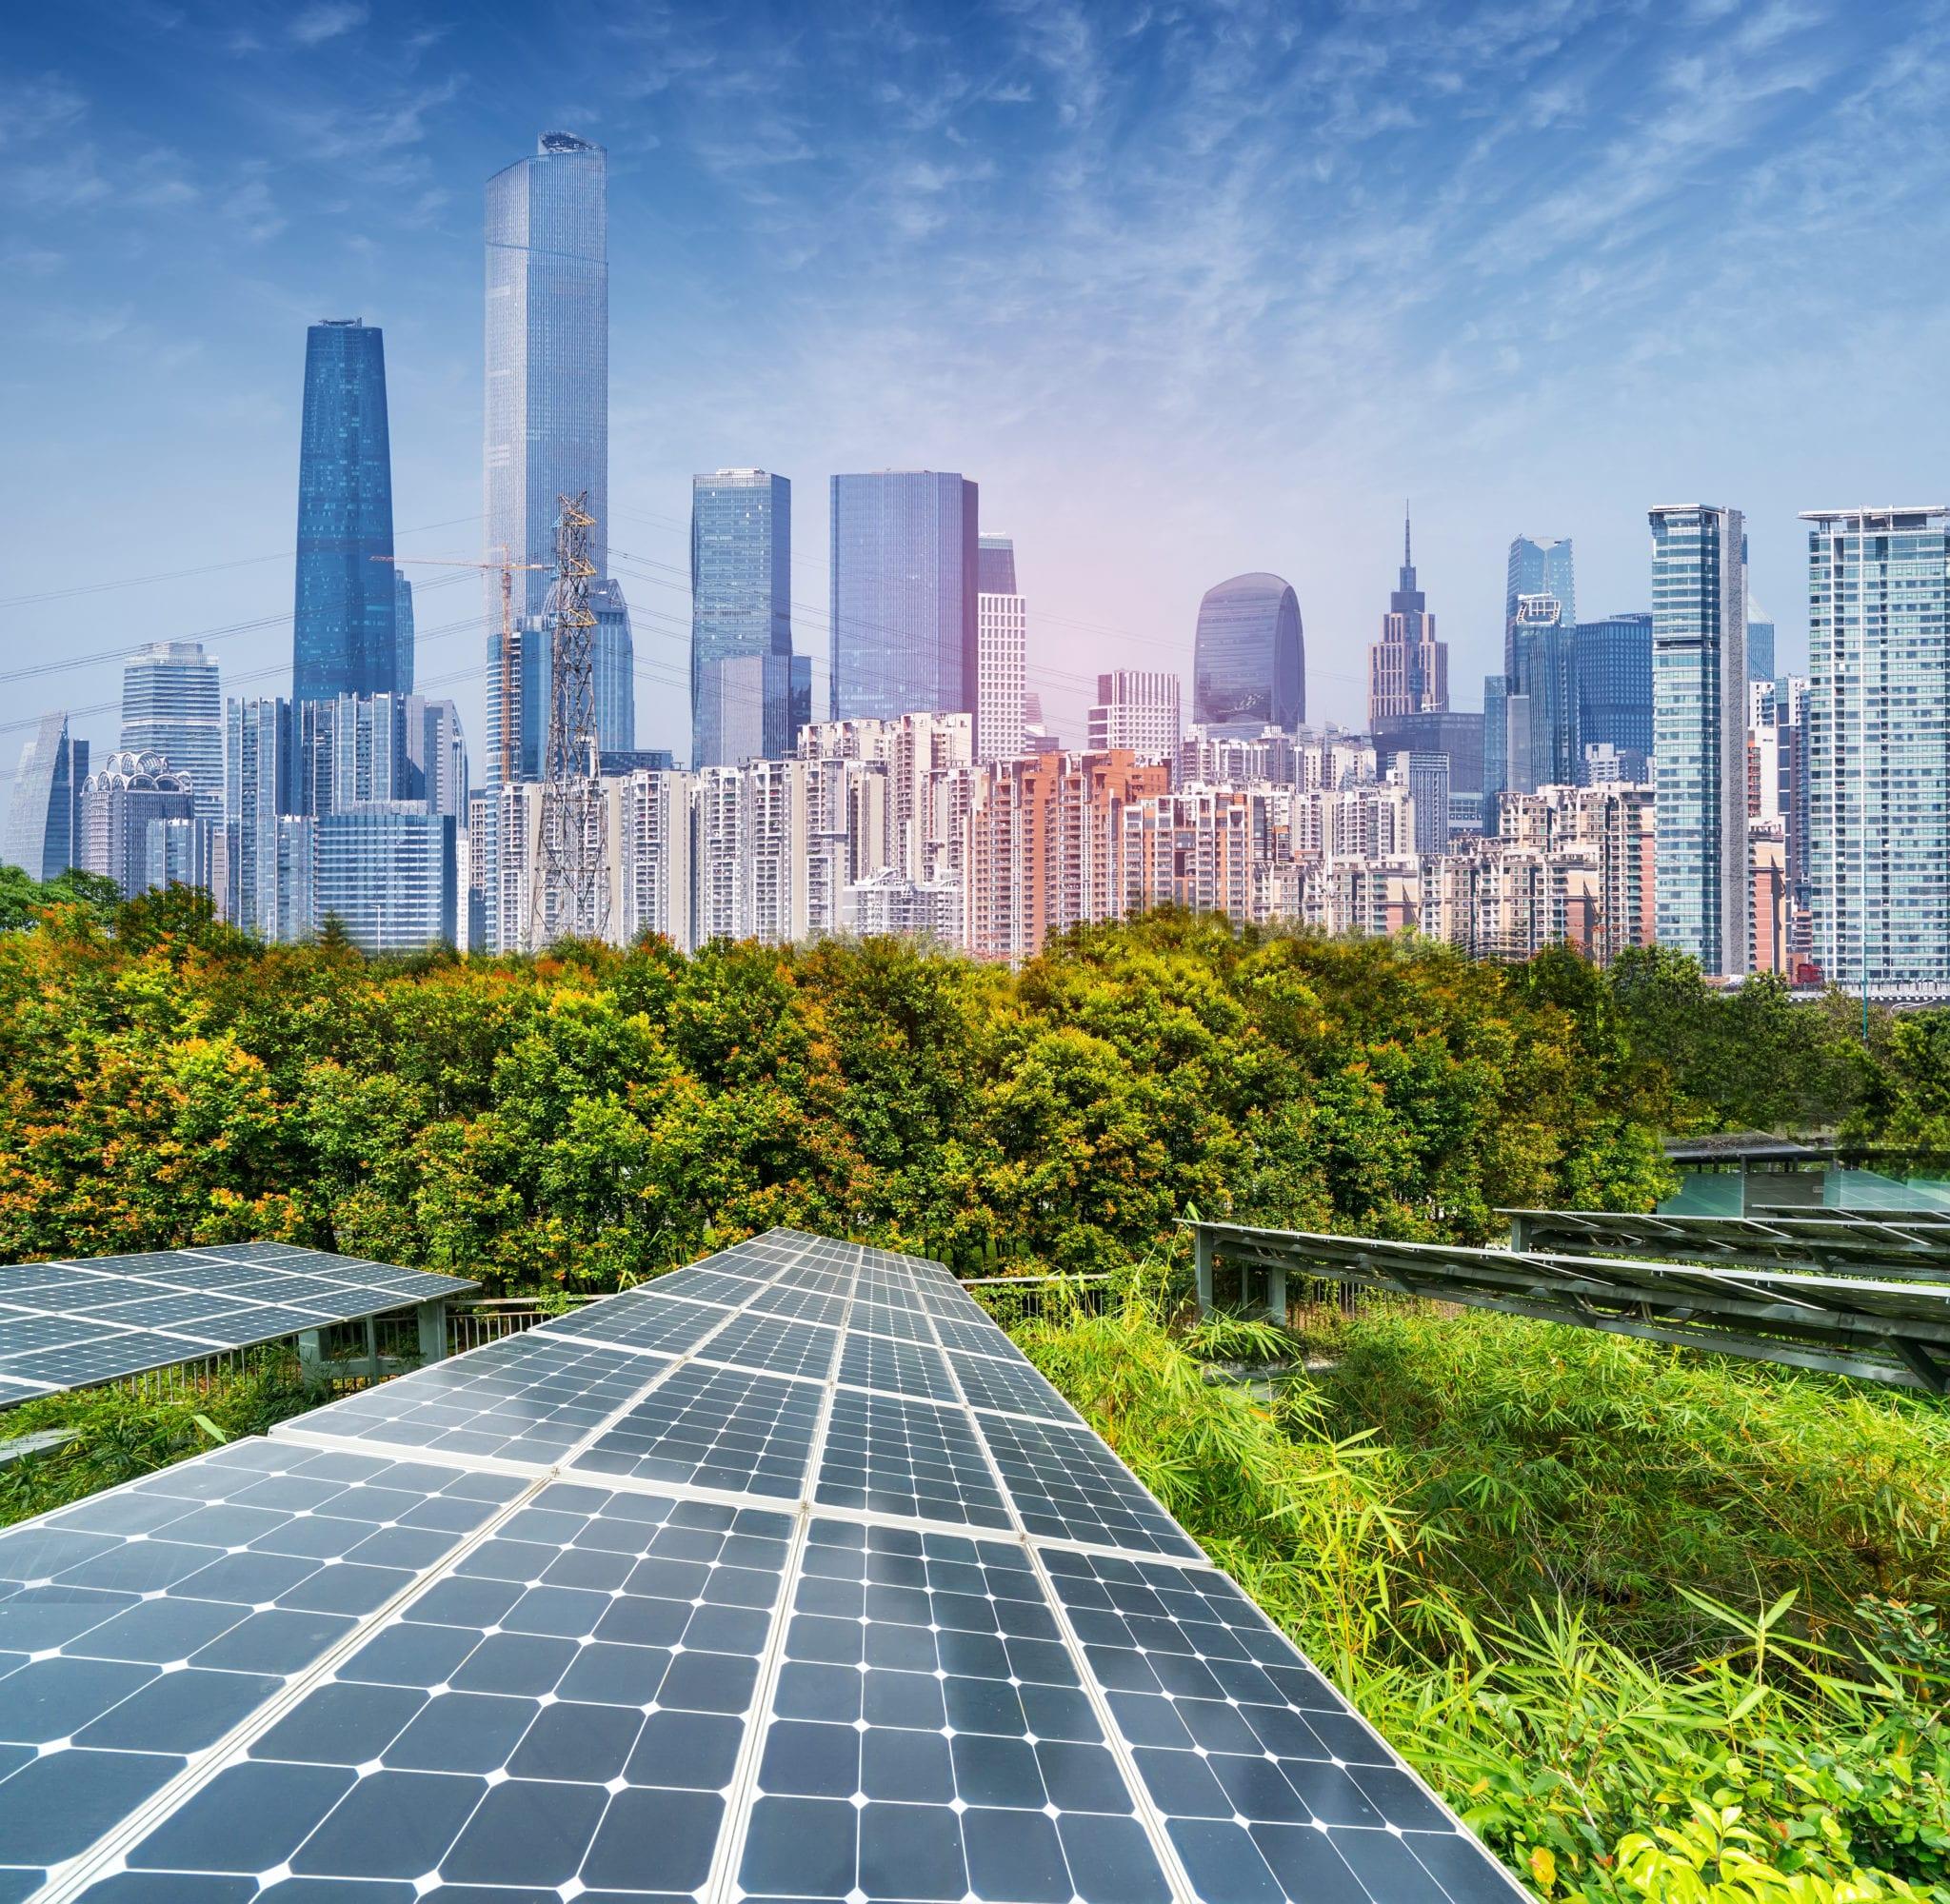 现代城市太阳能发电厂,可持续可再生能源